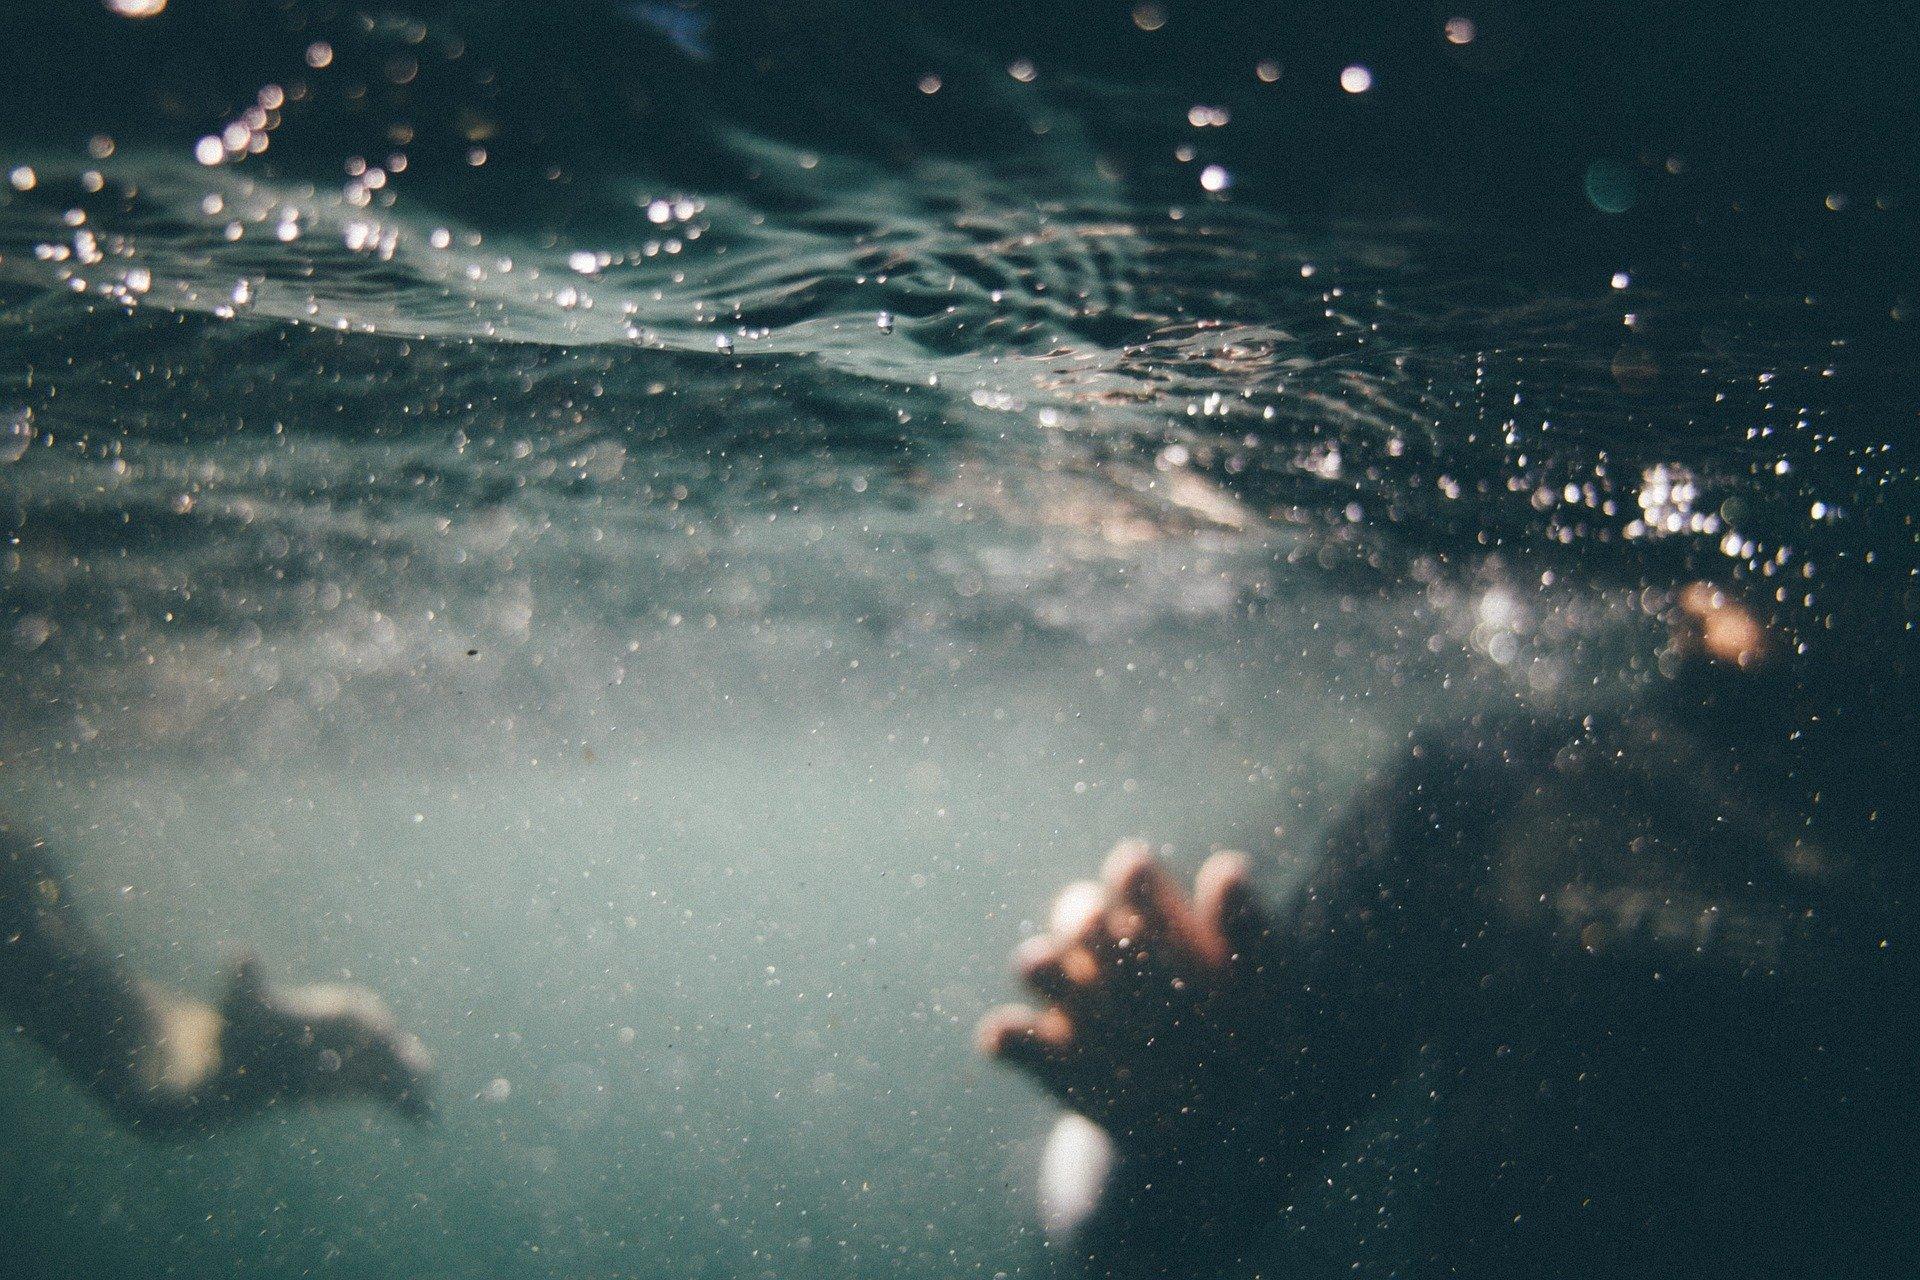 Фестиваль водных видов спорта «Открытая вода» пройдет в Москве с 11 по 12 сентября